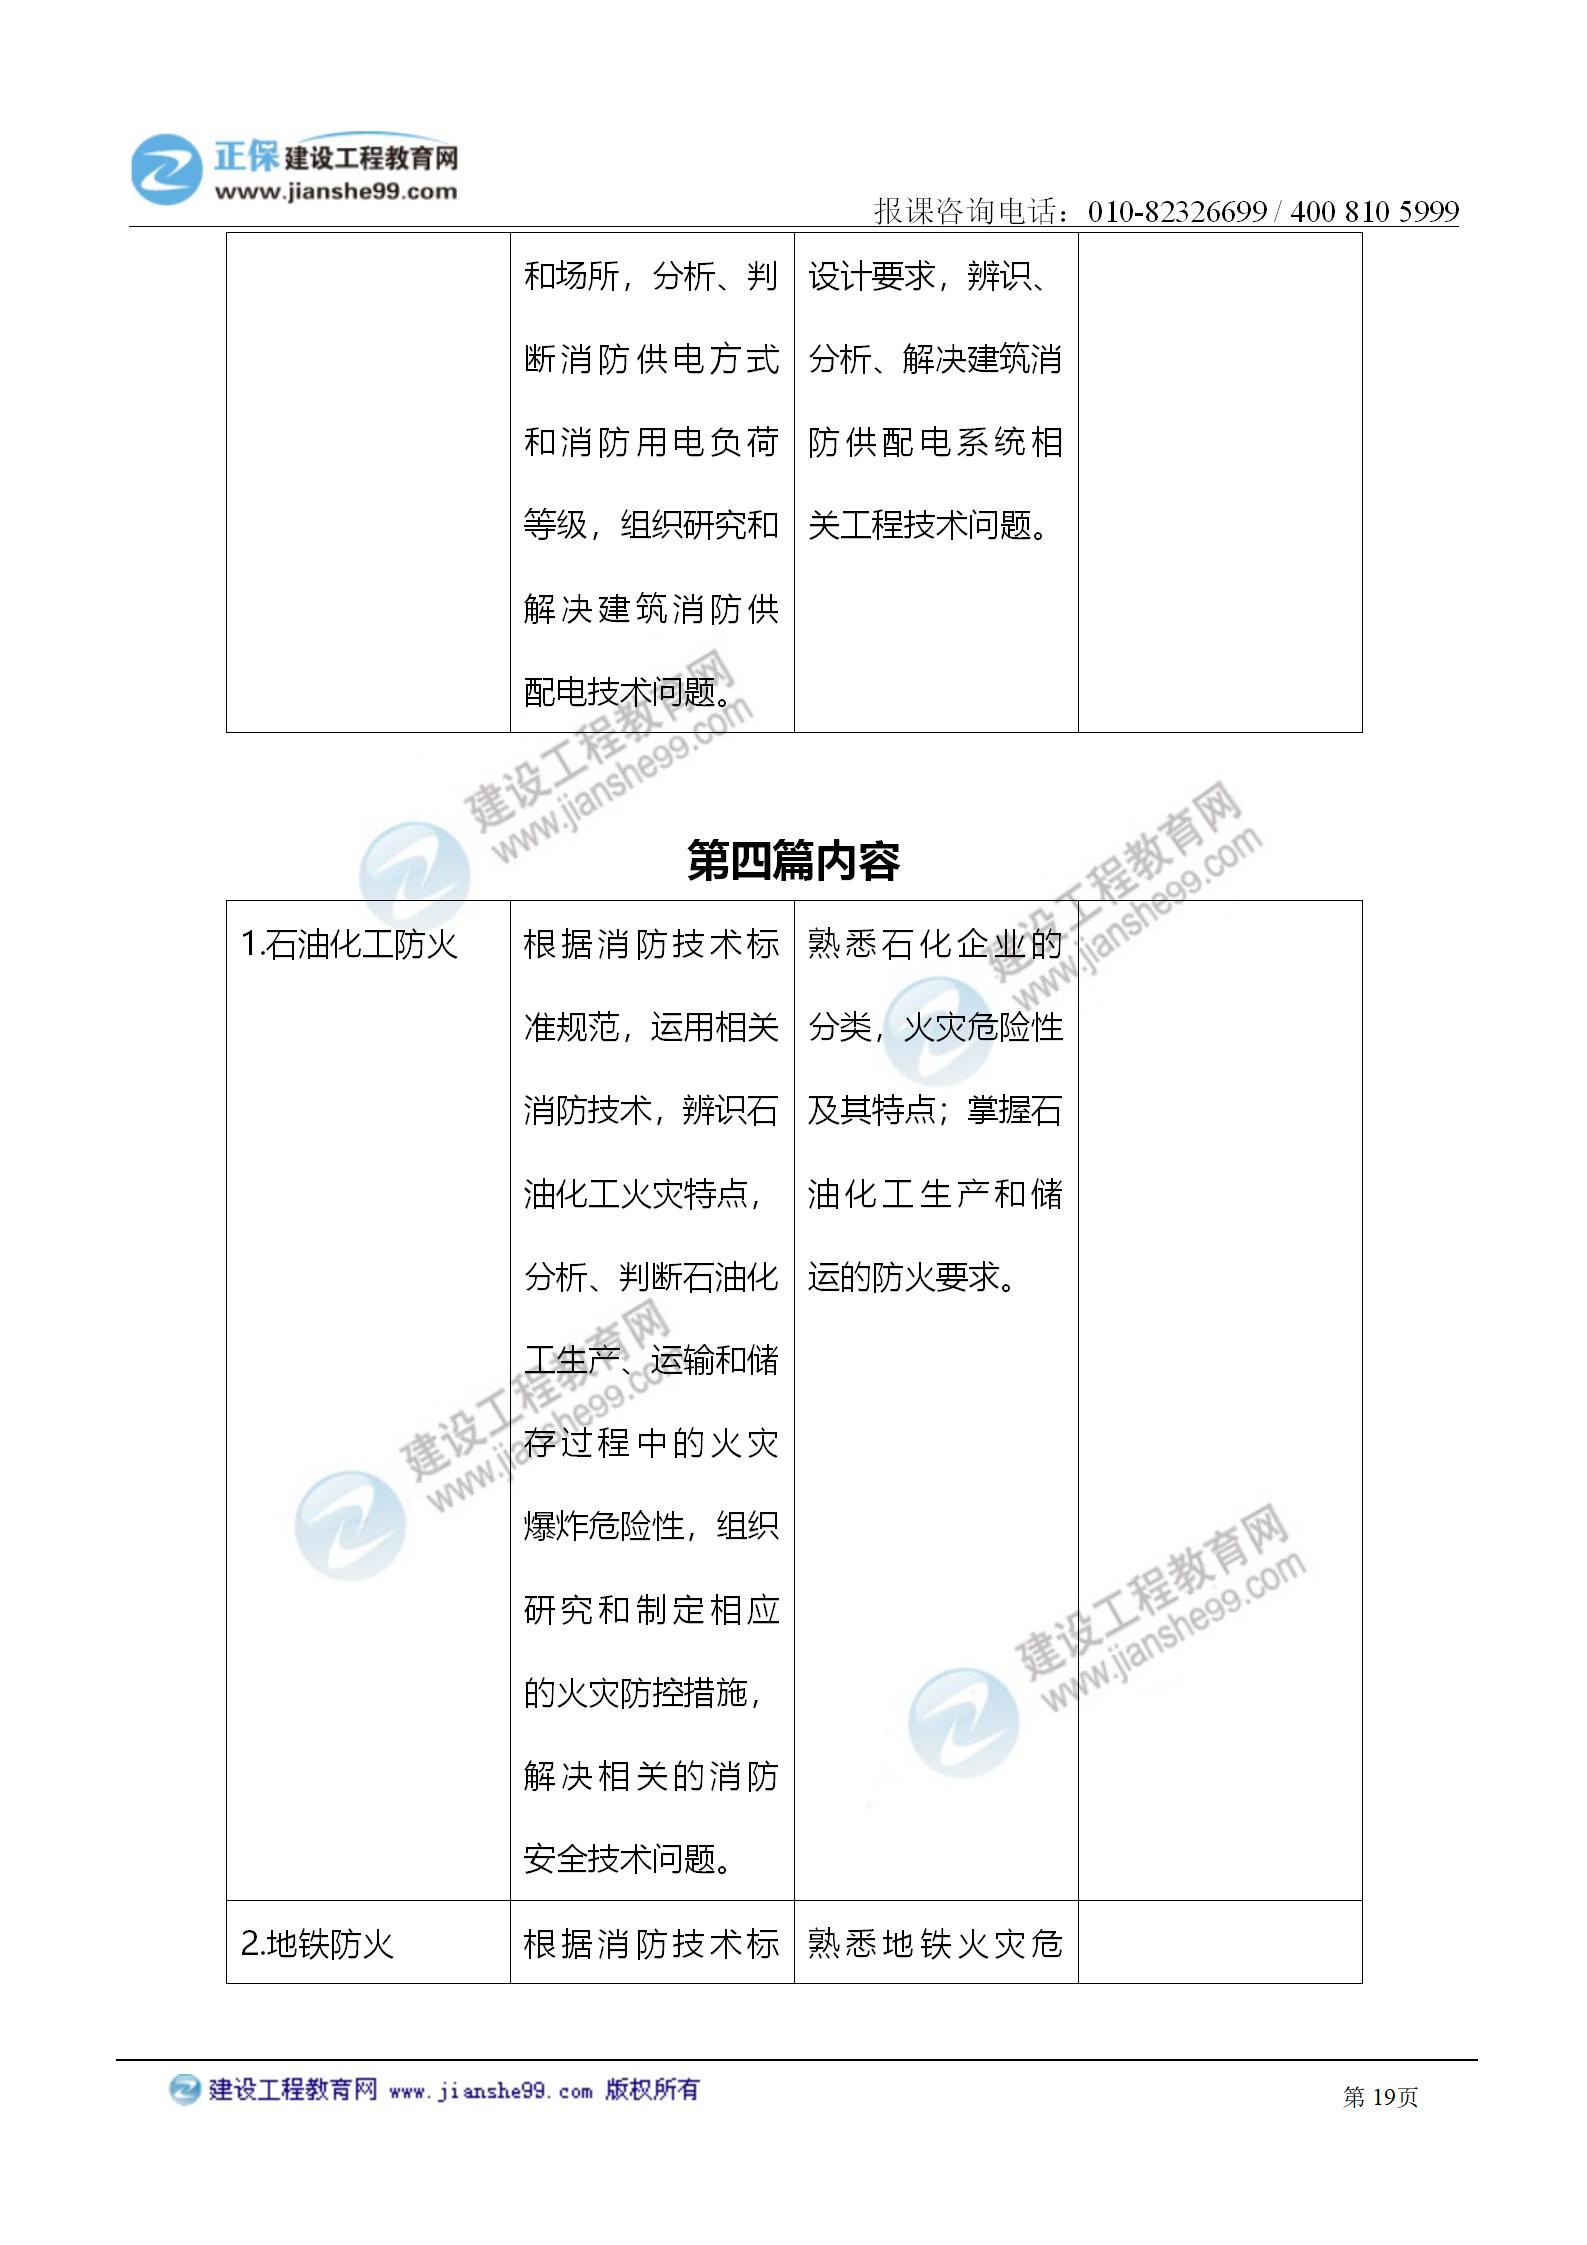 2021注册消防工程师《技术实务》考试大纲变化情况_19